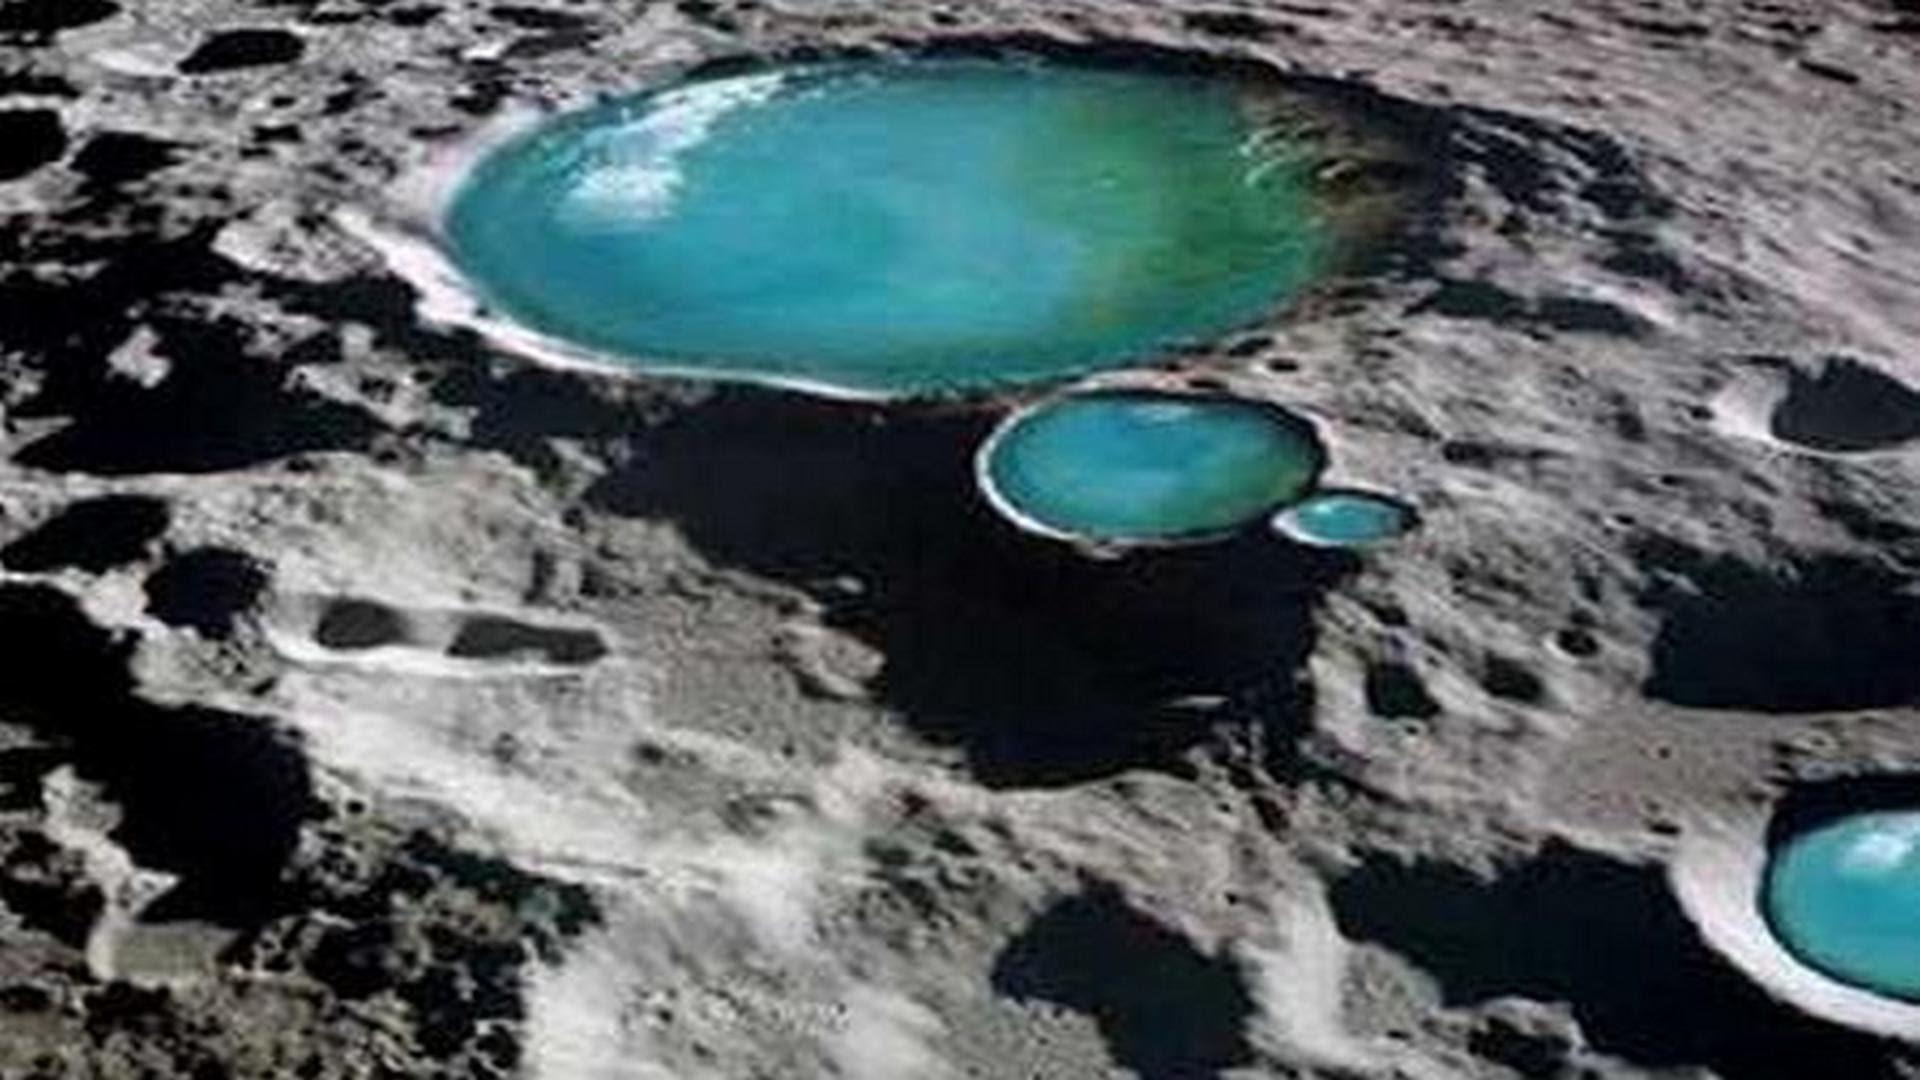 Академик Лев Зеленый считает, что Луна еще один континент Земли. На Луне есть вода